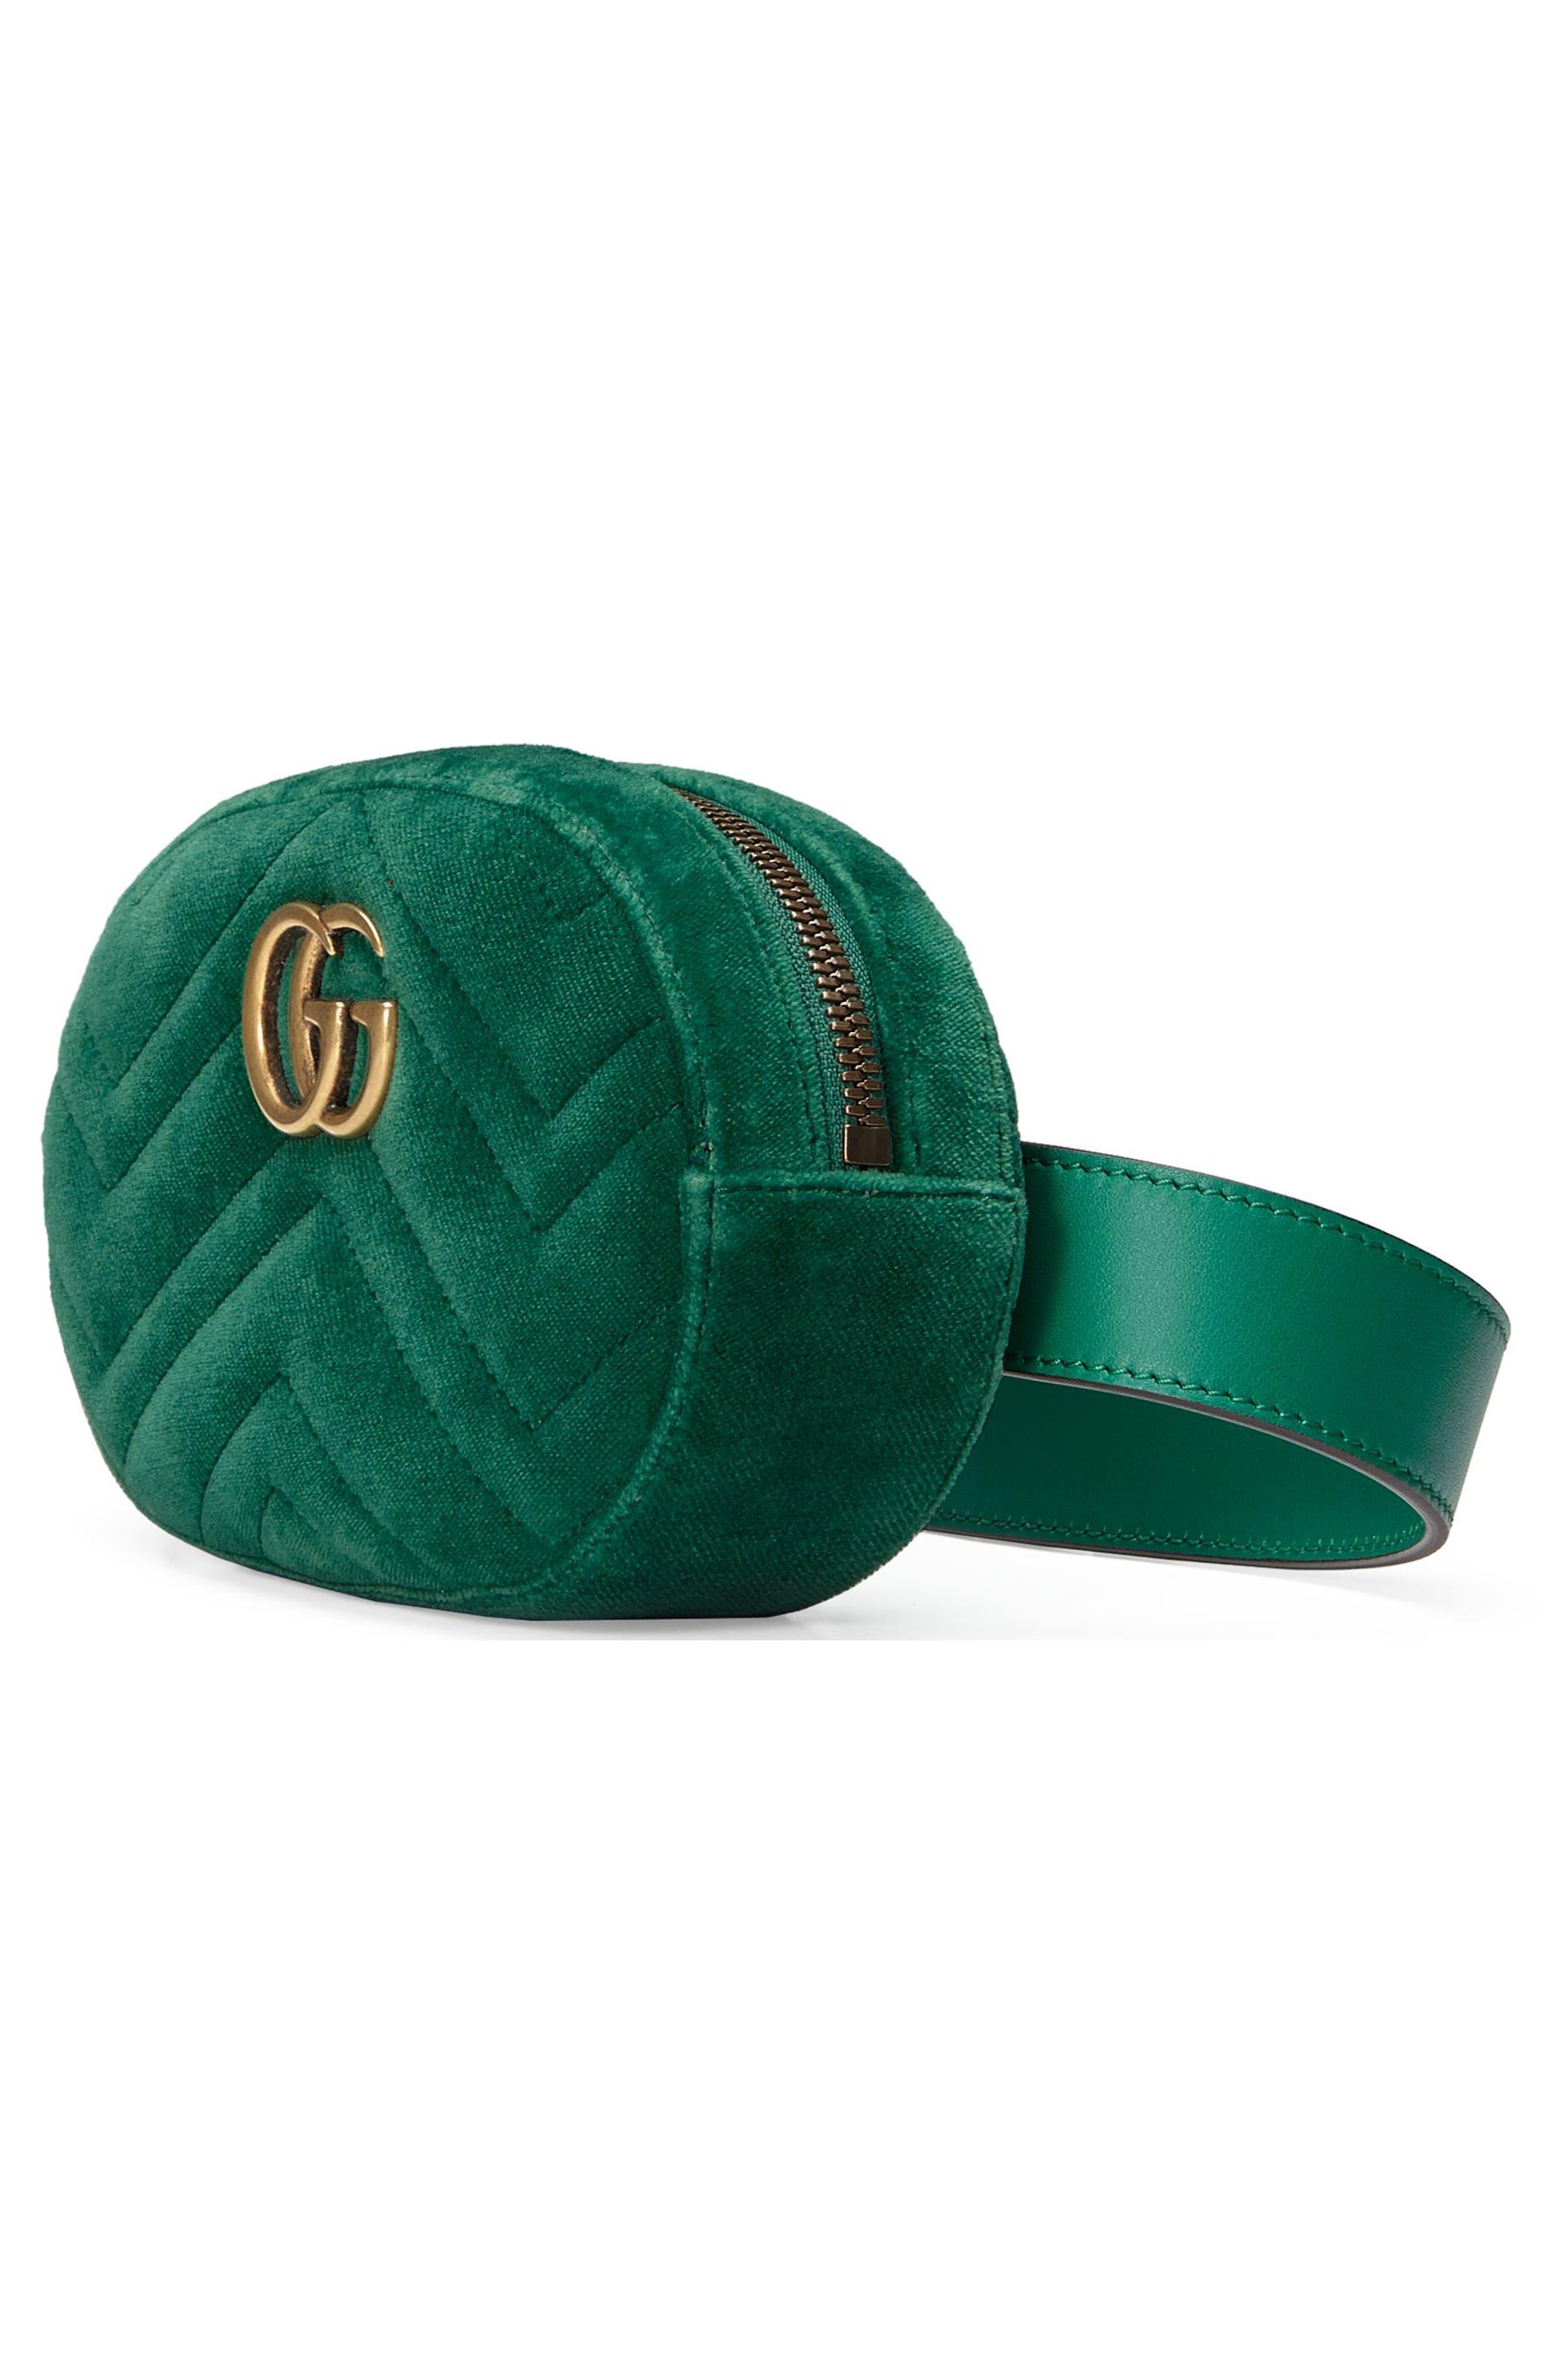 Small GG Marmont 2.0 Velvet Belt Bag,                             Alternate thumbnail 4, color,                             EMERALD/ EMERALD